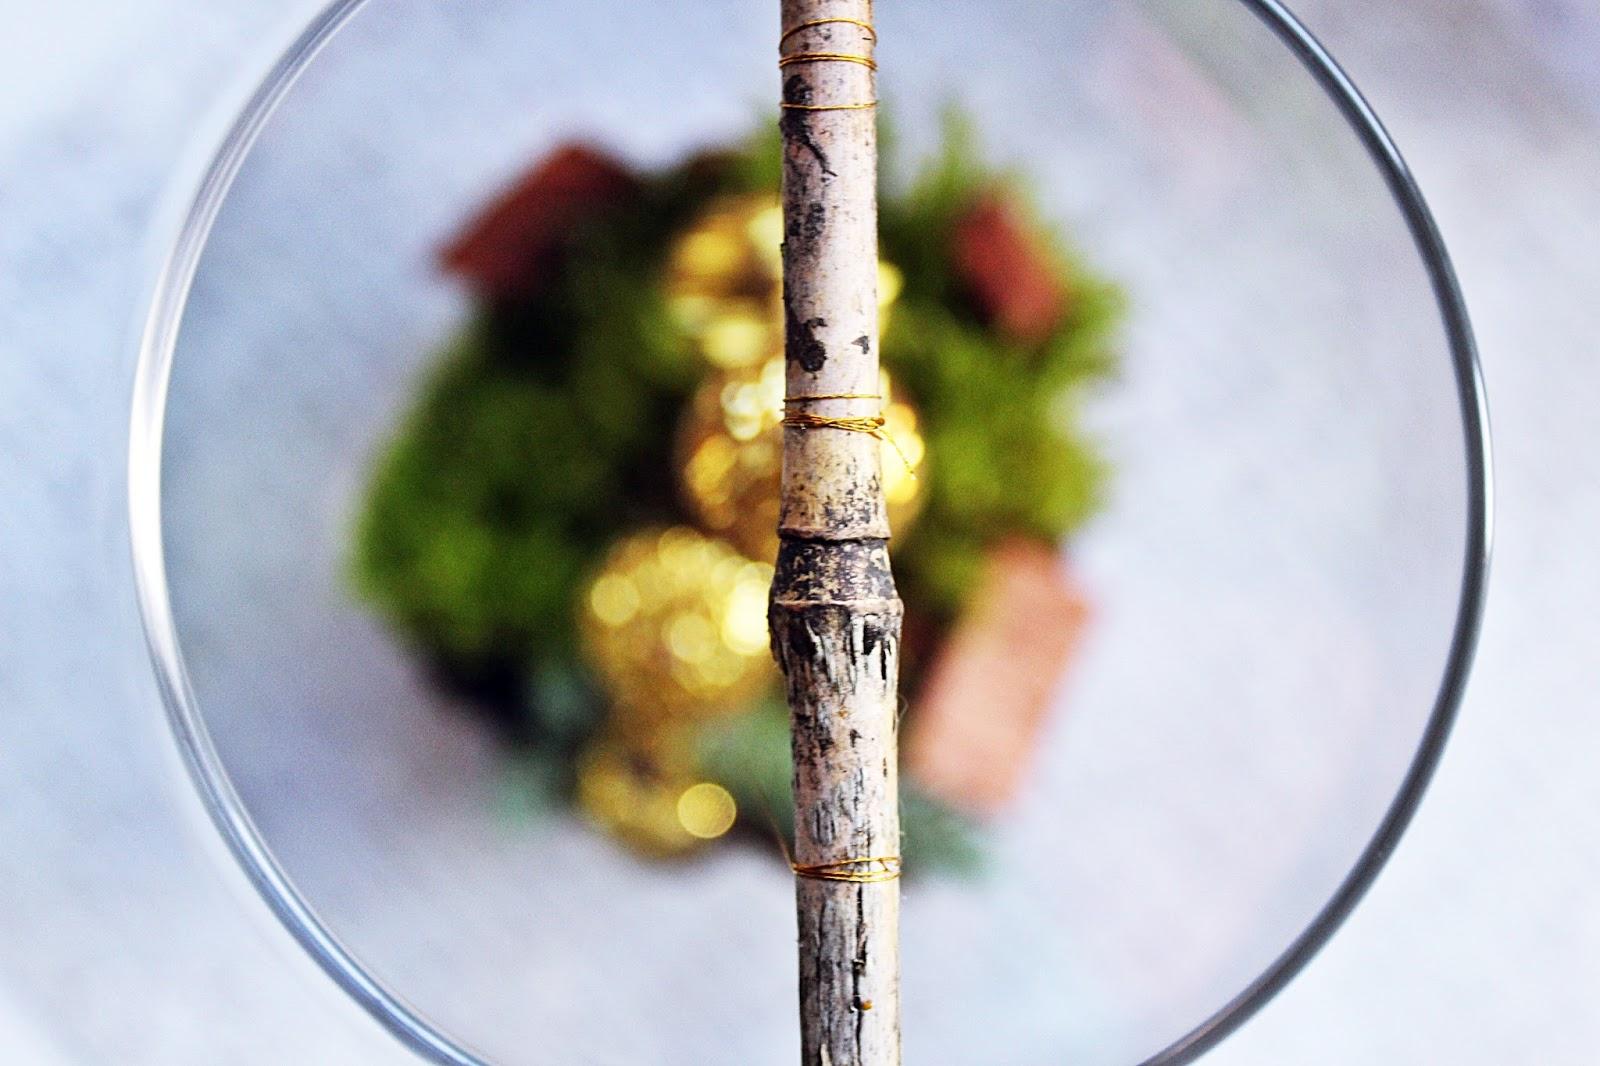 ogródek w wazonie